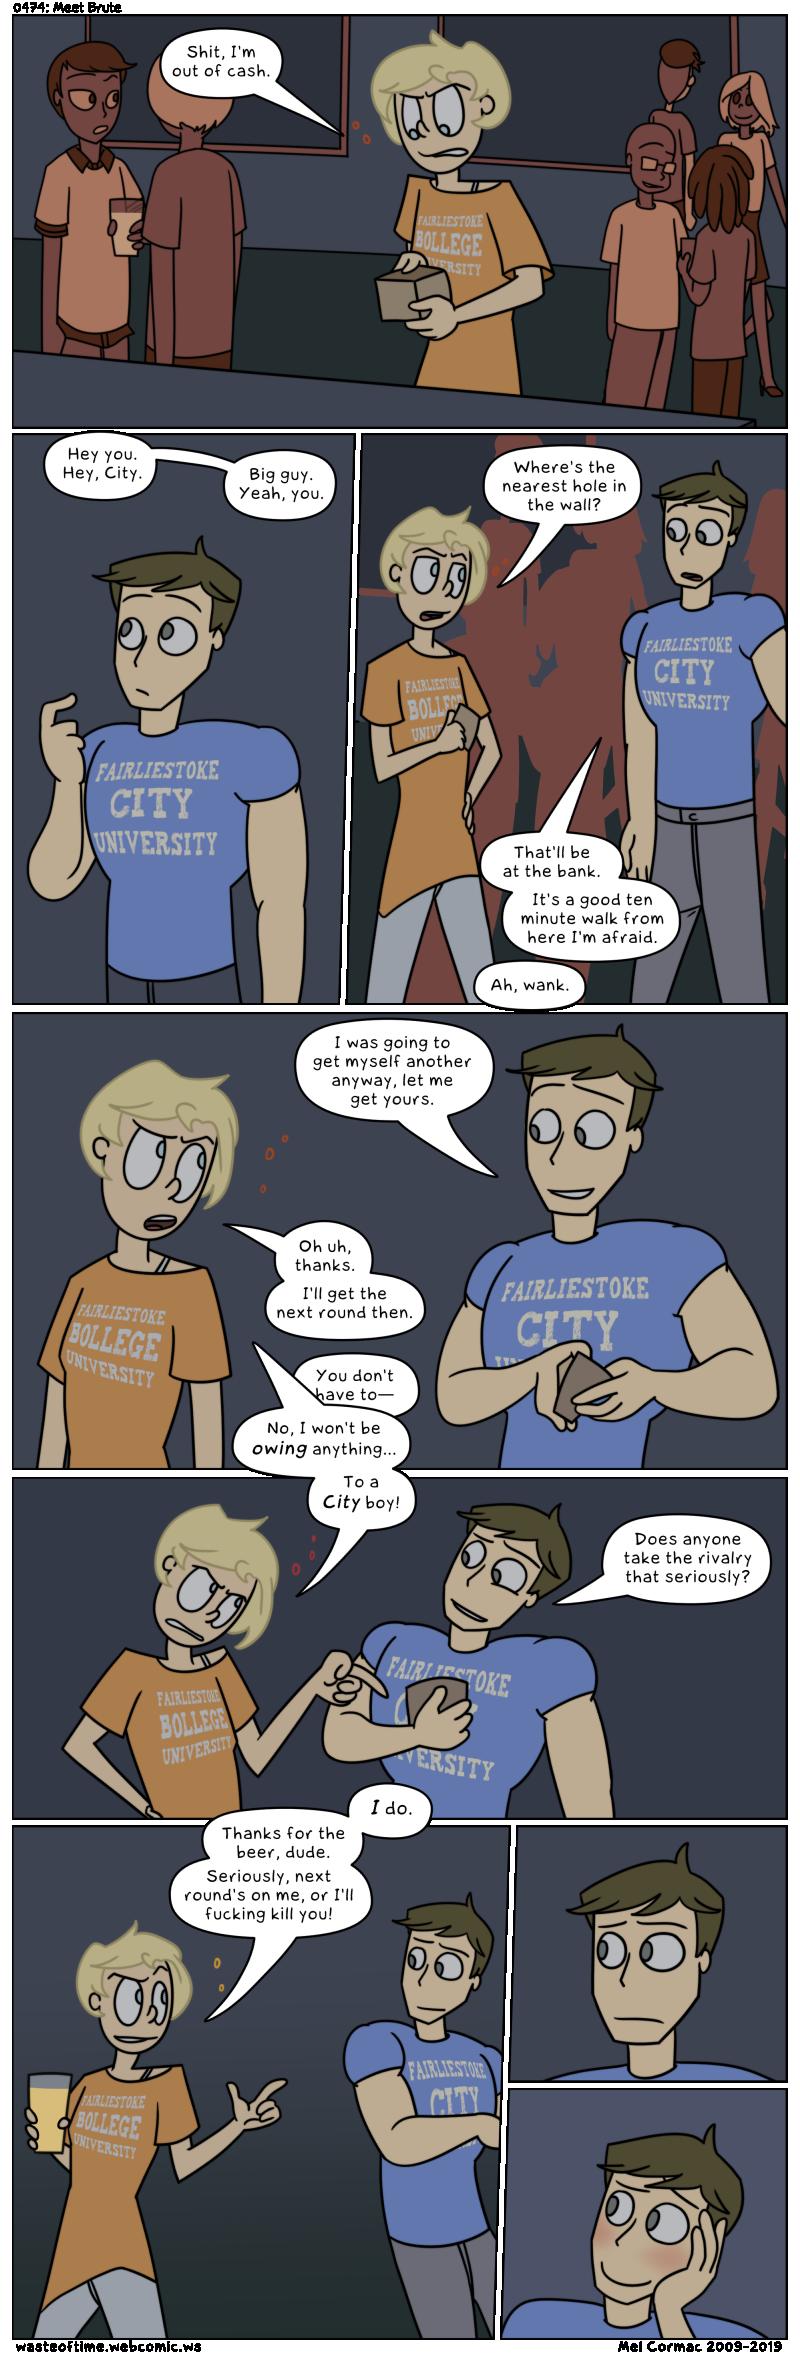 0474: Meet Brute